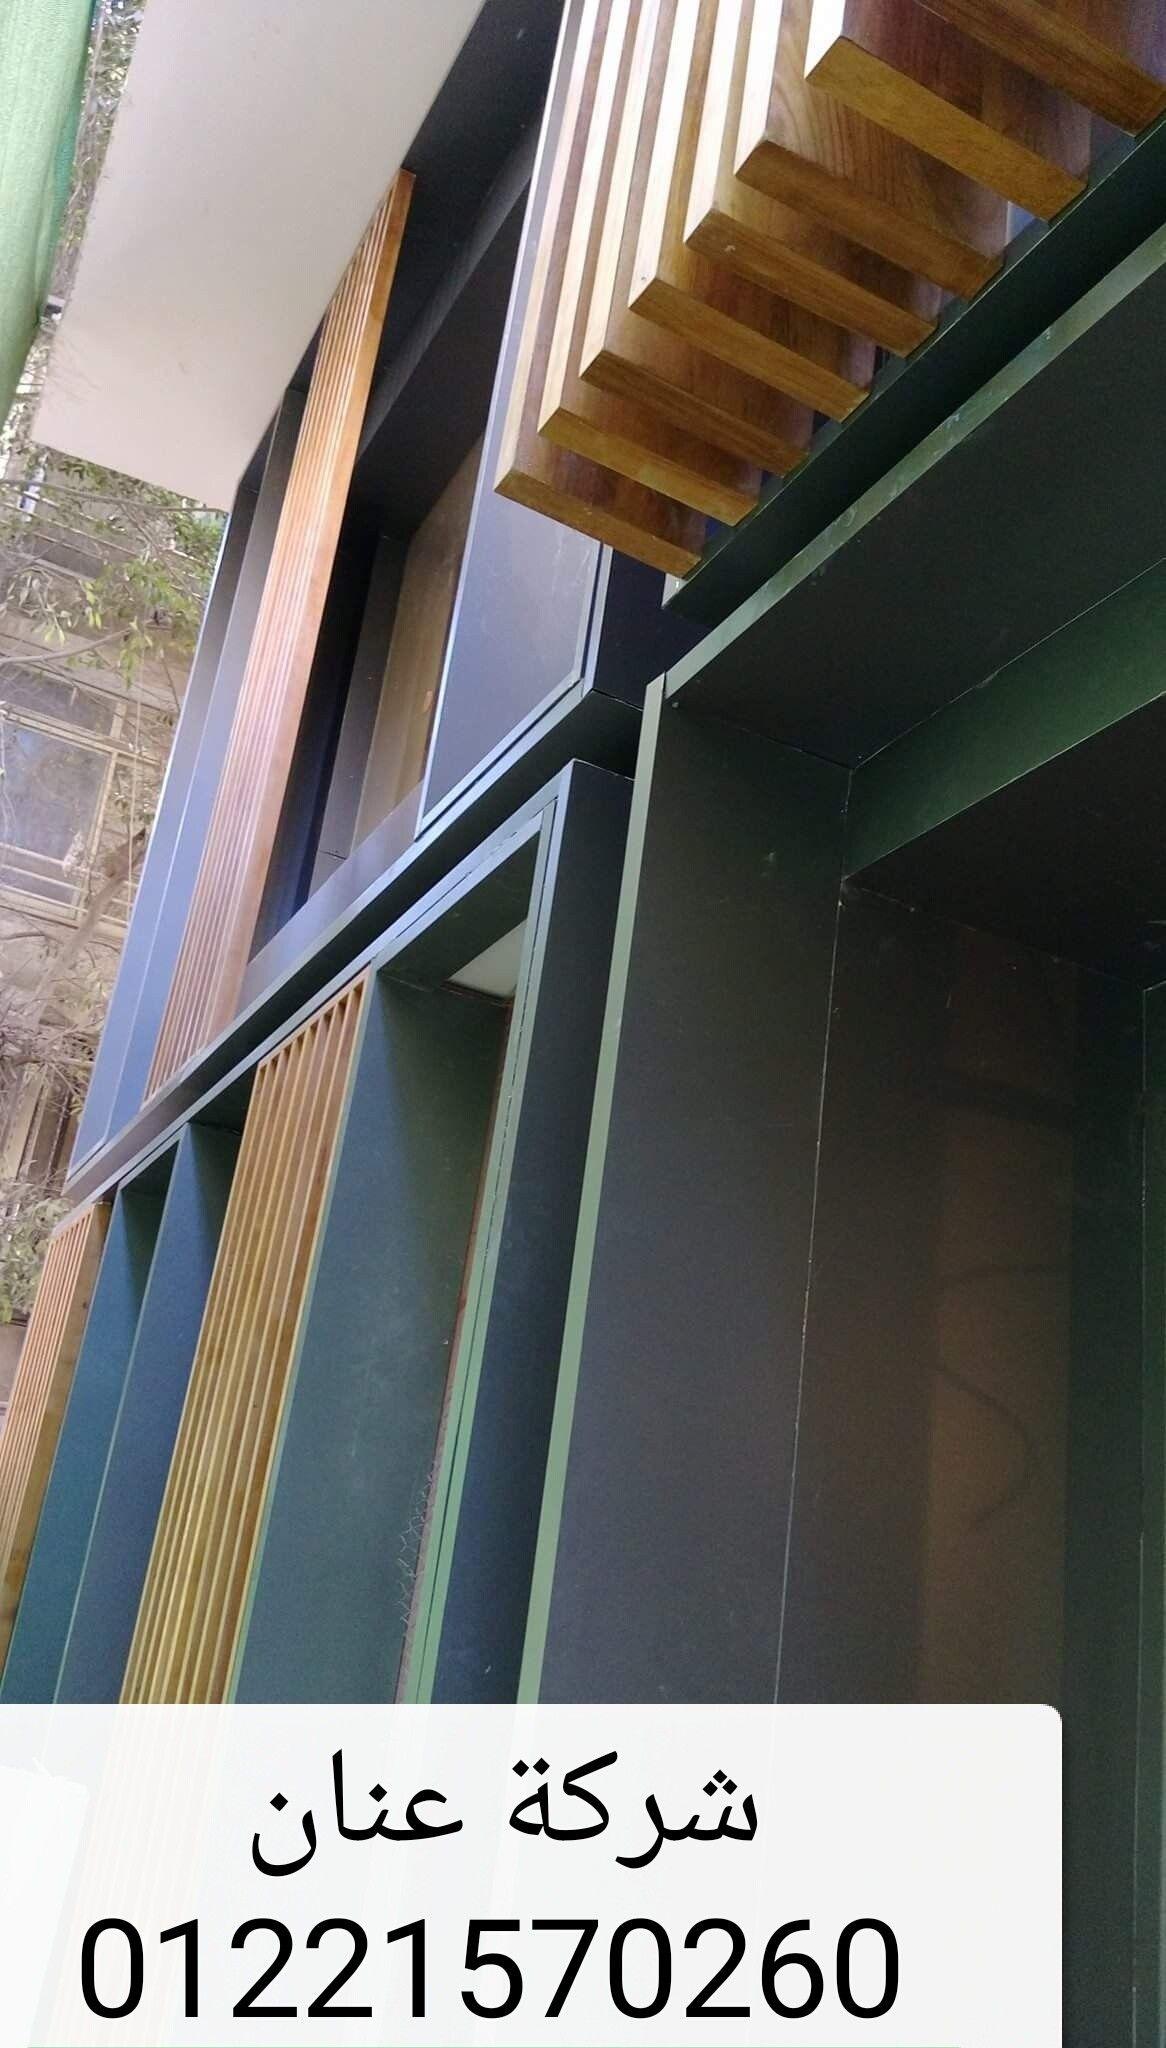 كلادينح واجهات كلادينج الكلادينج كلادينج واجهات الكوبوند شركة عنان 01221570260 كلادينج واجهات كلادينج الكوبوند Storefront Design Cladding Design